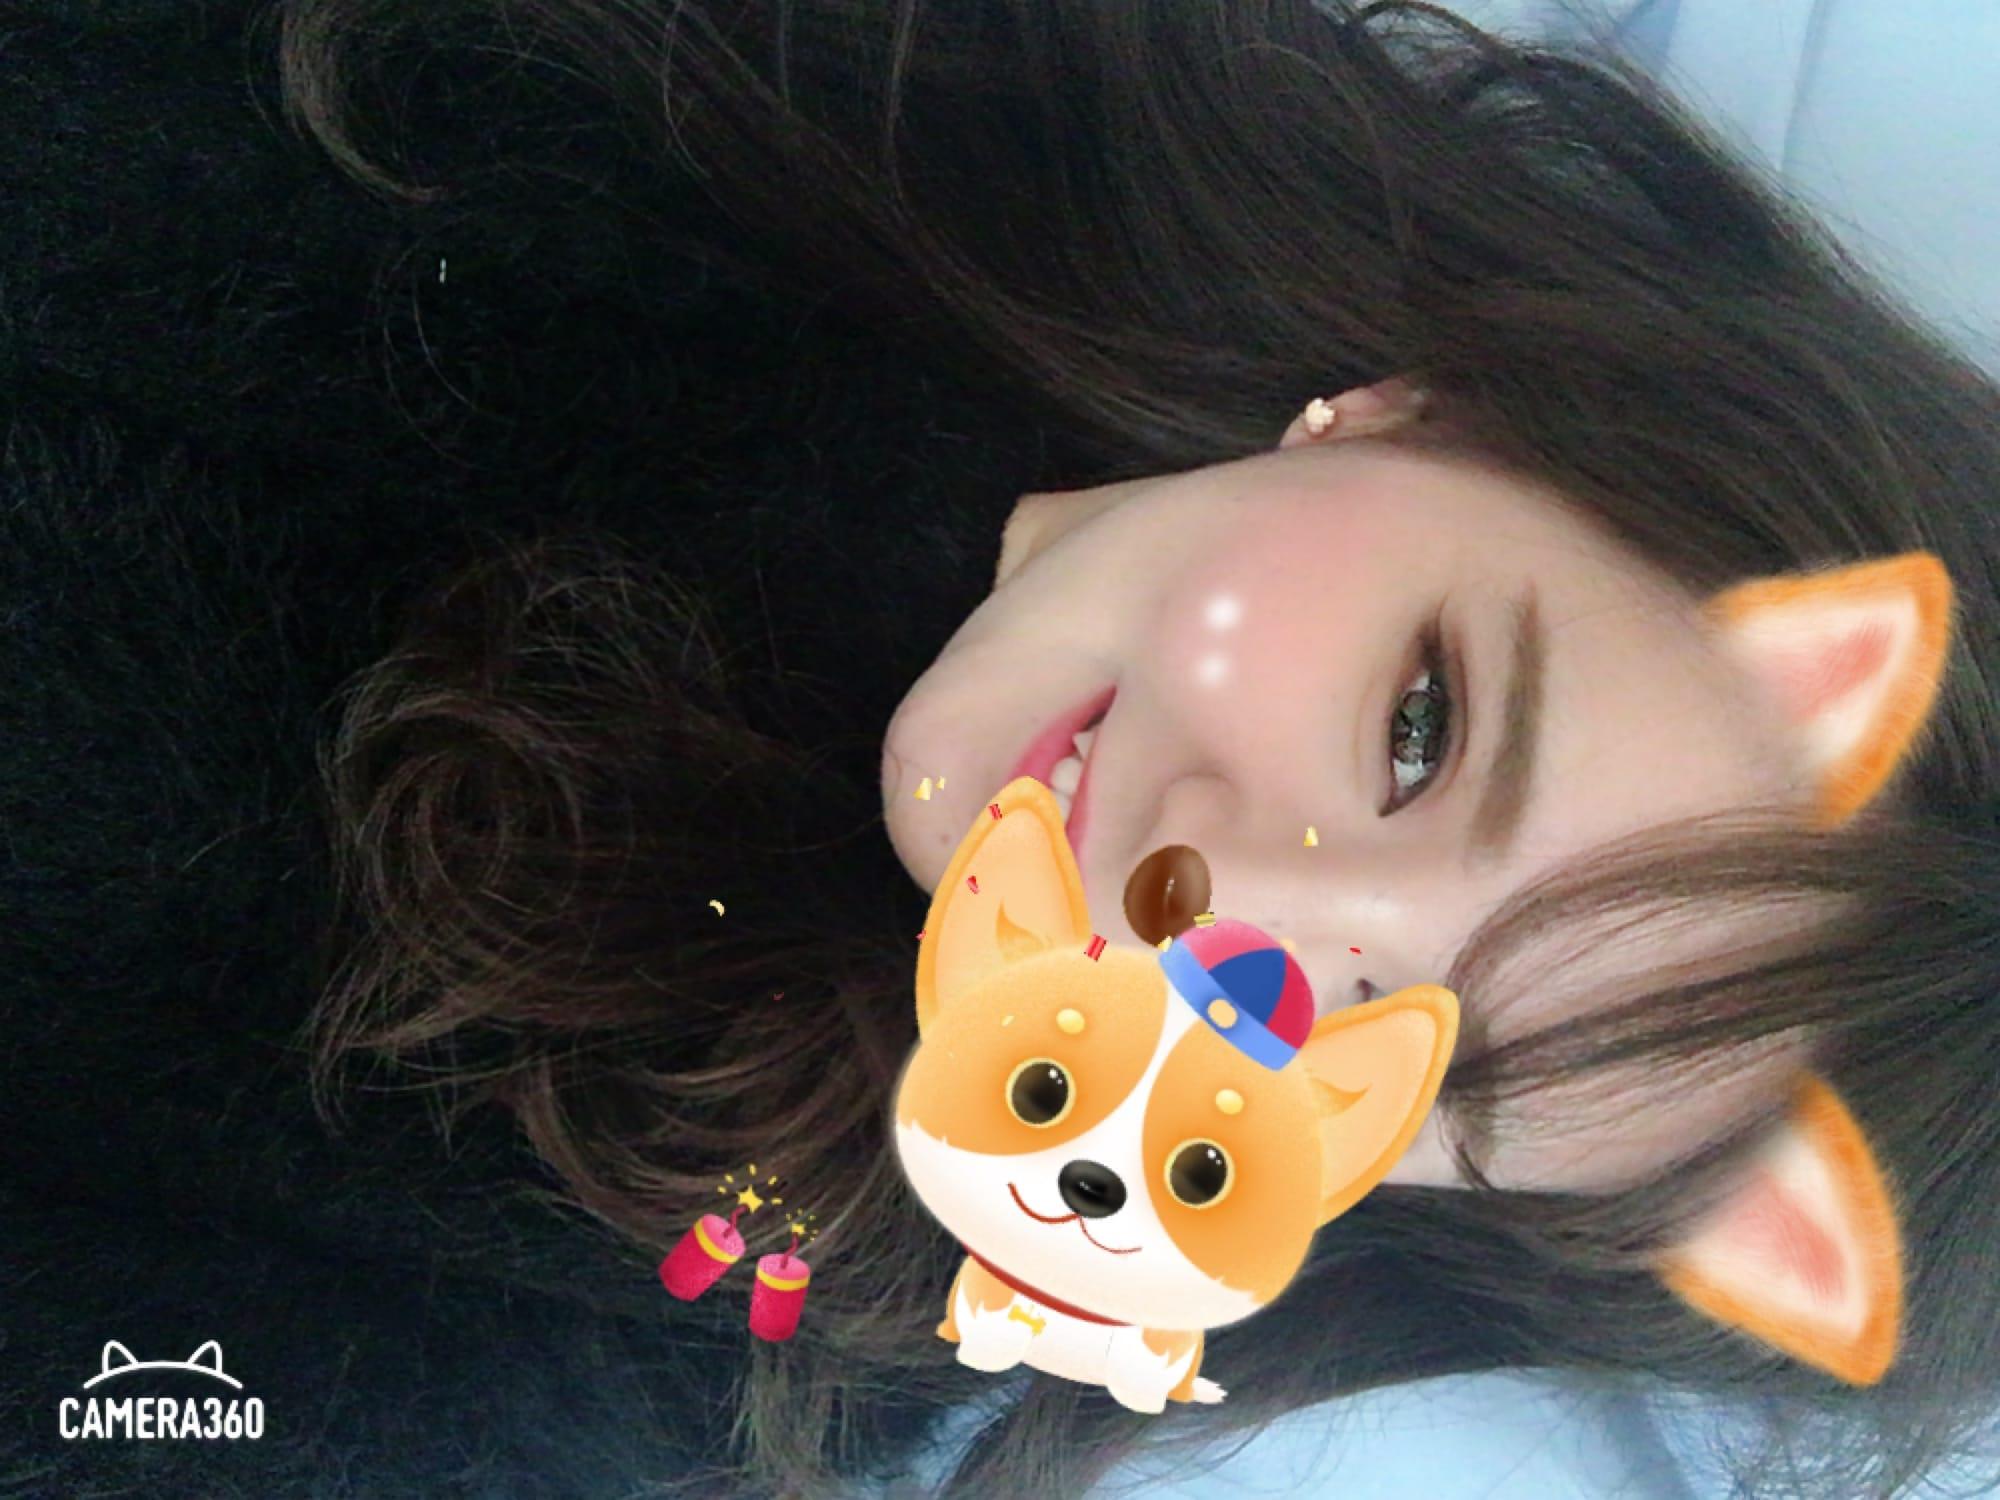 つばさ「おれい♡」02/20(火) 22:20 | つばさの写メ・風俗動画